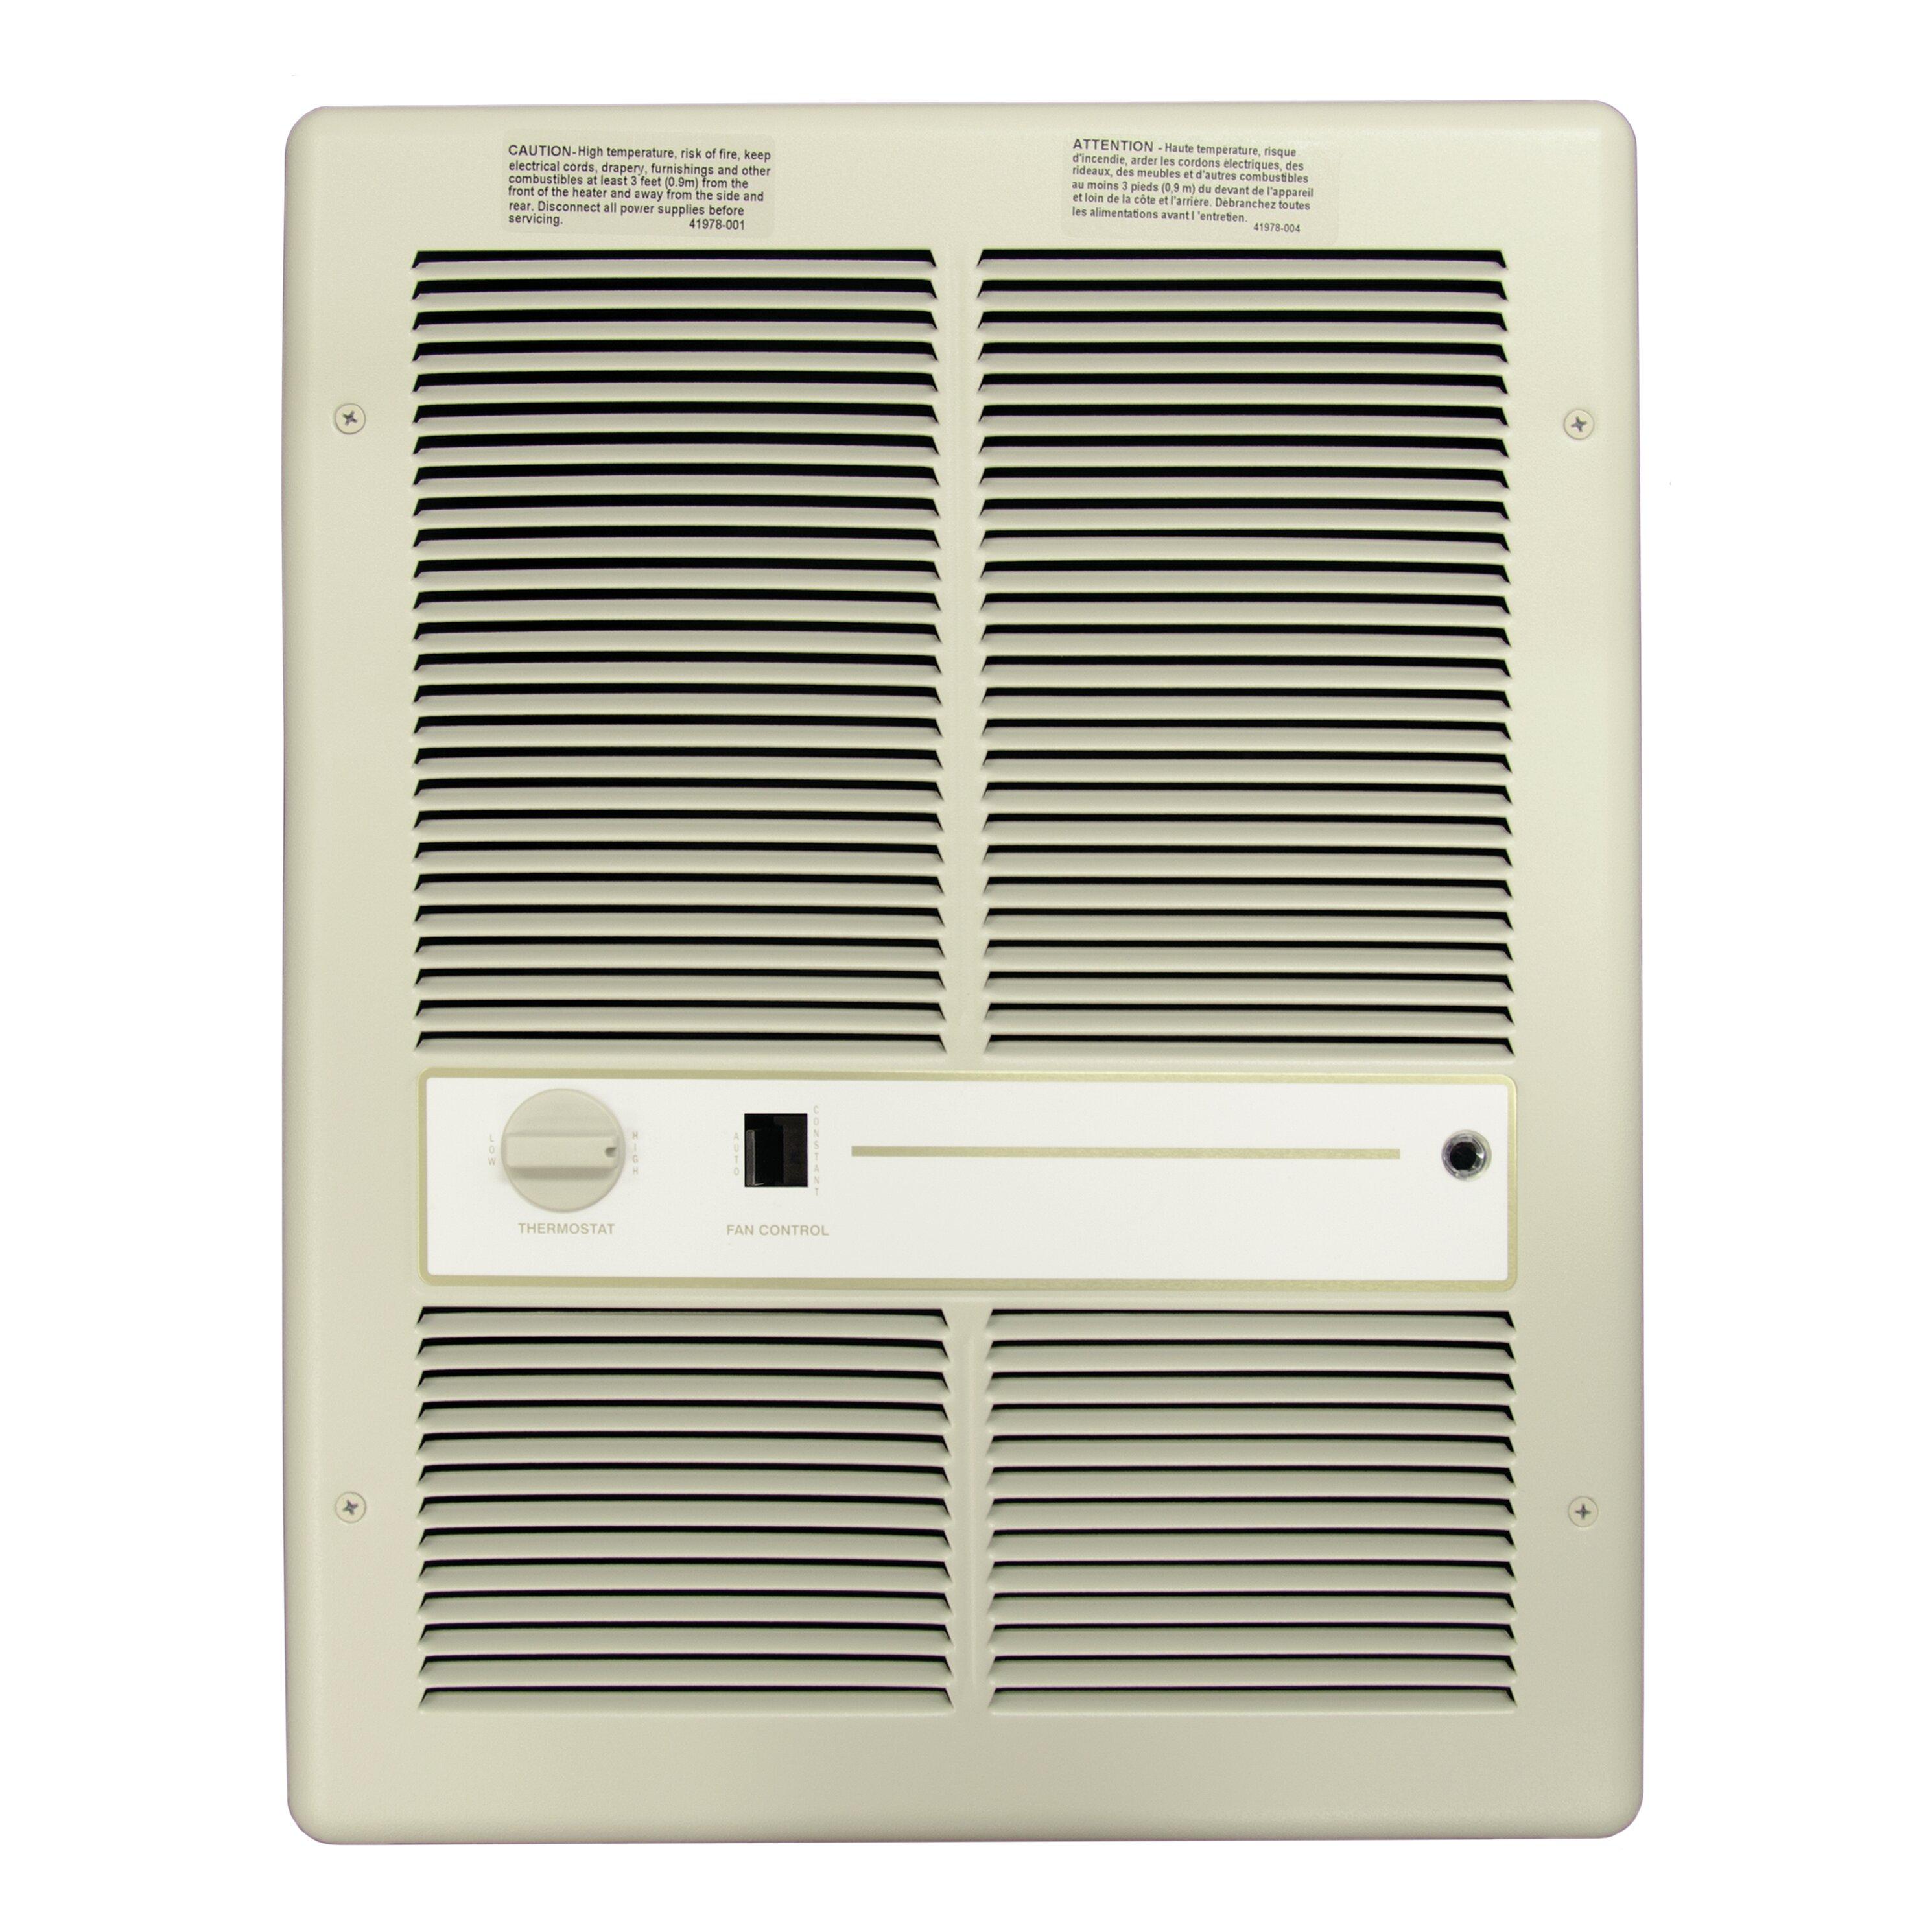 Tpi 4 000 Watt Wall Insert Electric Fan Heater With Summer